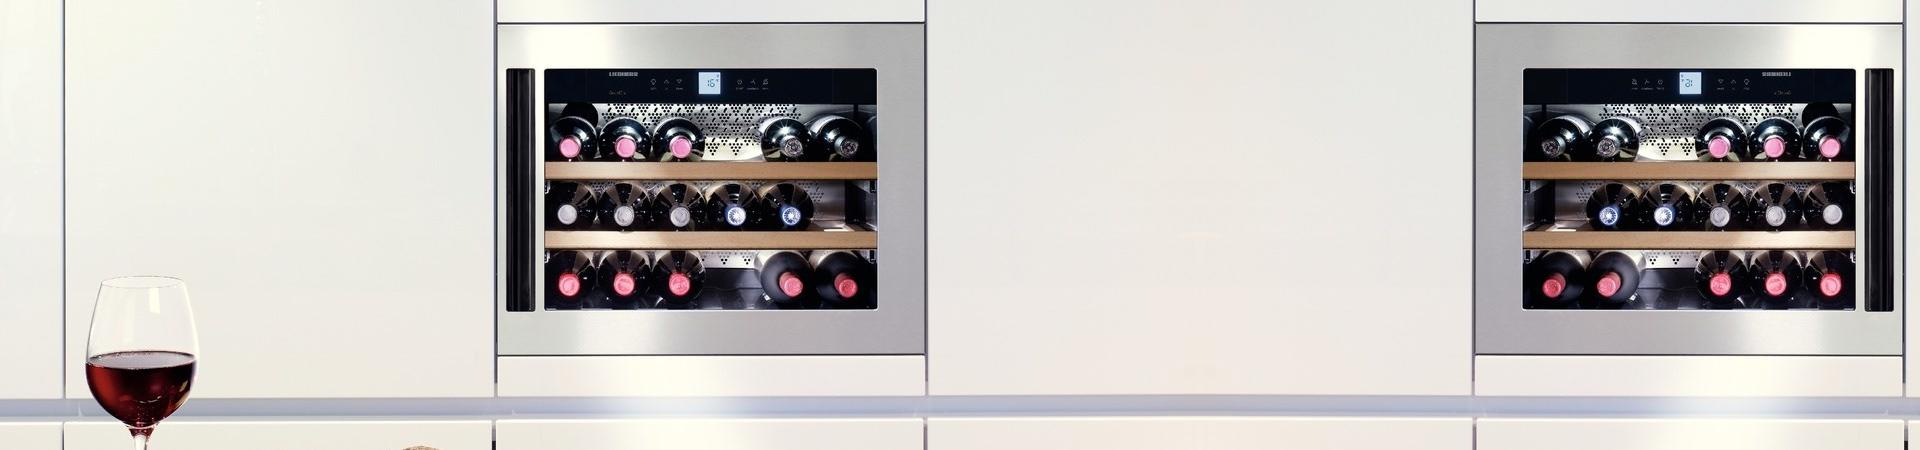 מקרר יין LIEBHERR דגם WKEES553